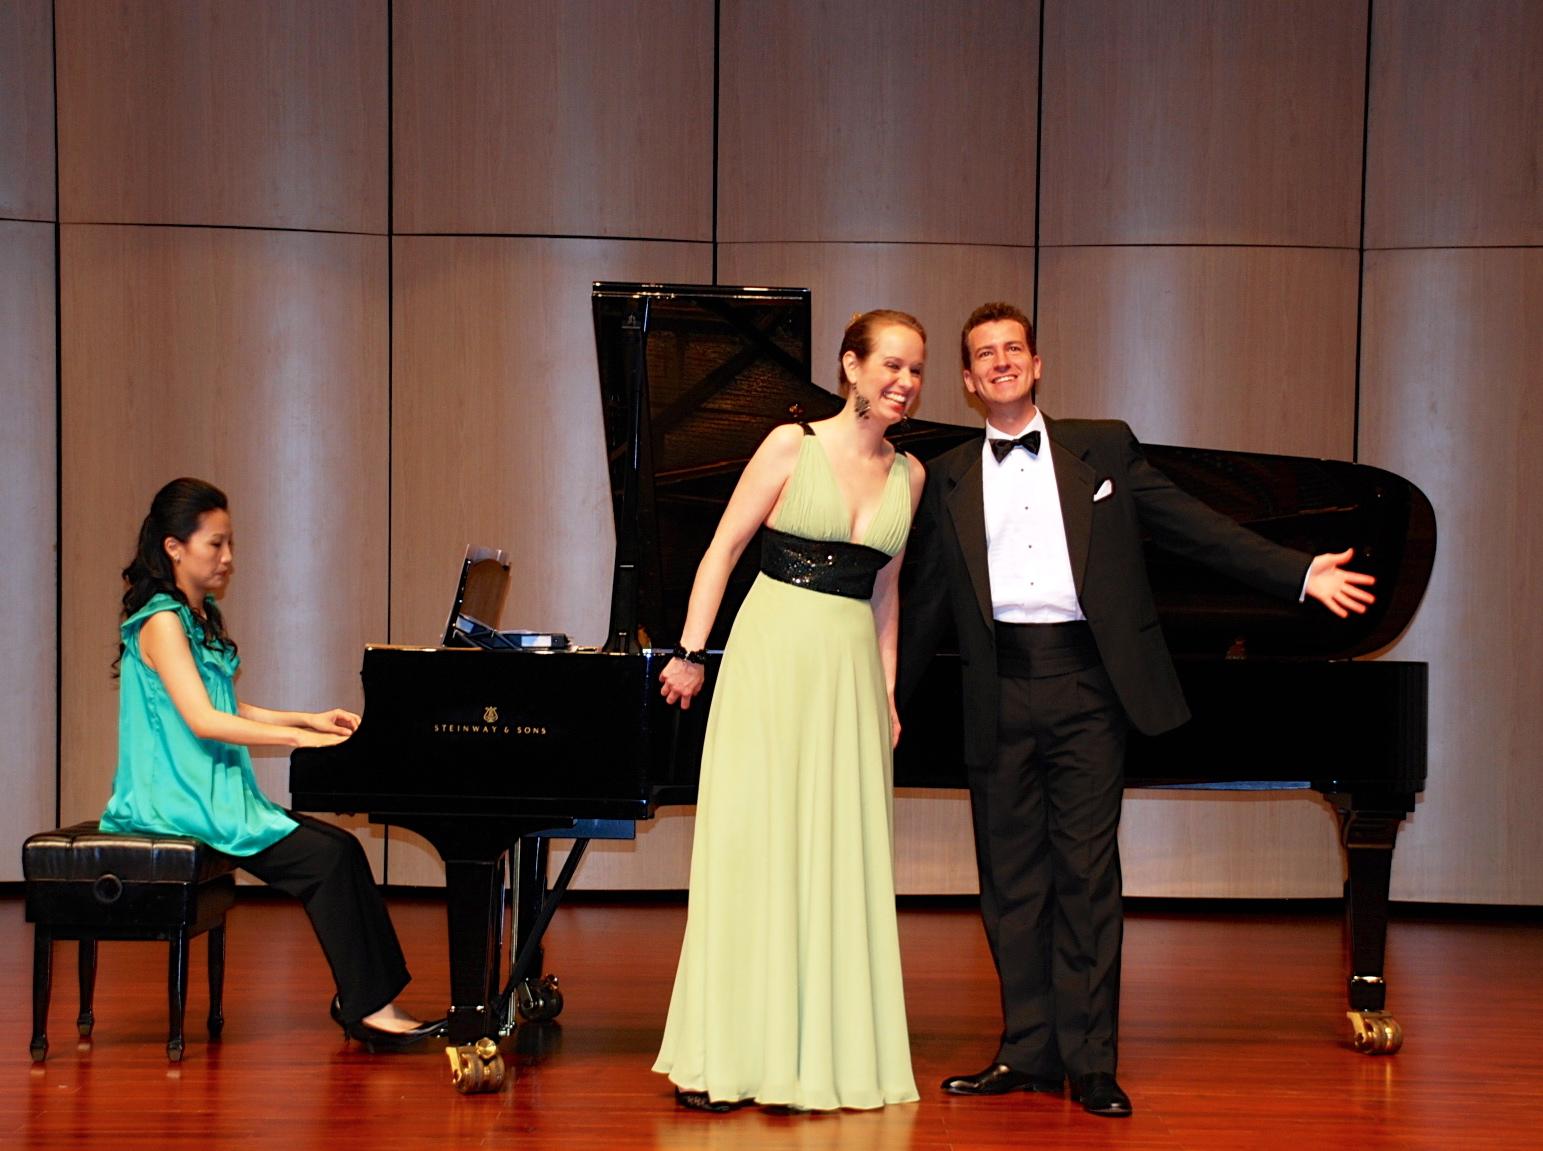 Duets with Lorraine Yaros-Sullivan (mezzo-soprano), Wanyi-Lo (piano); Puli Concert Hall, TAIWAN